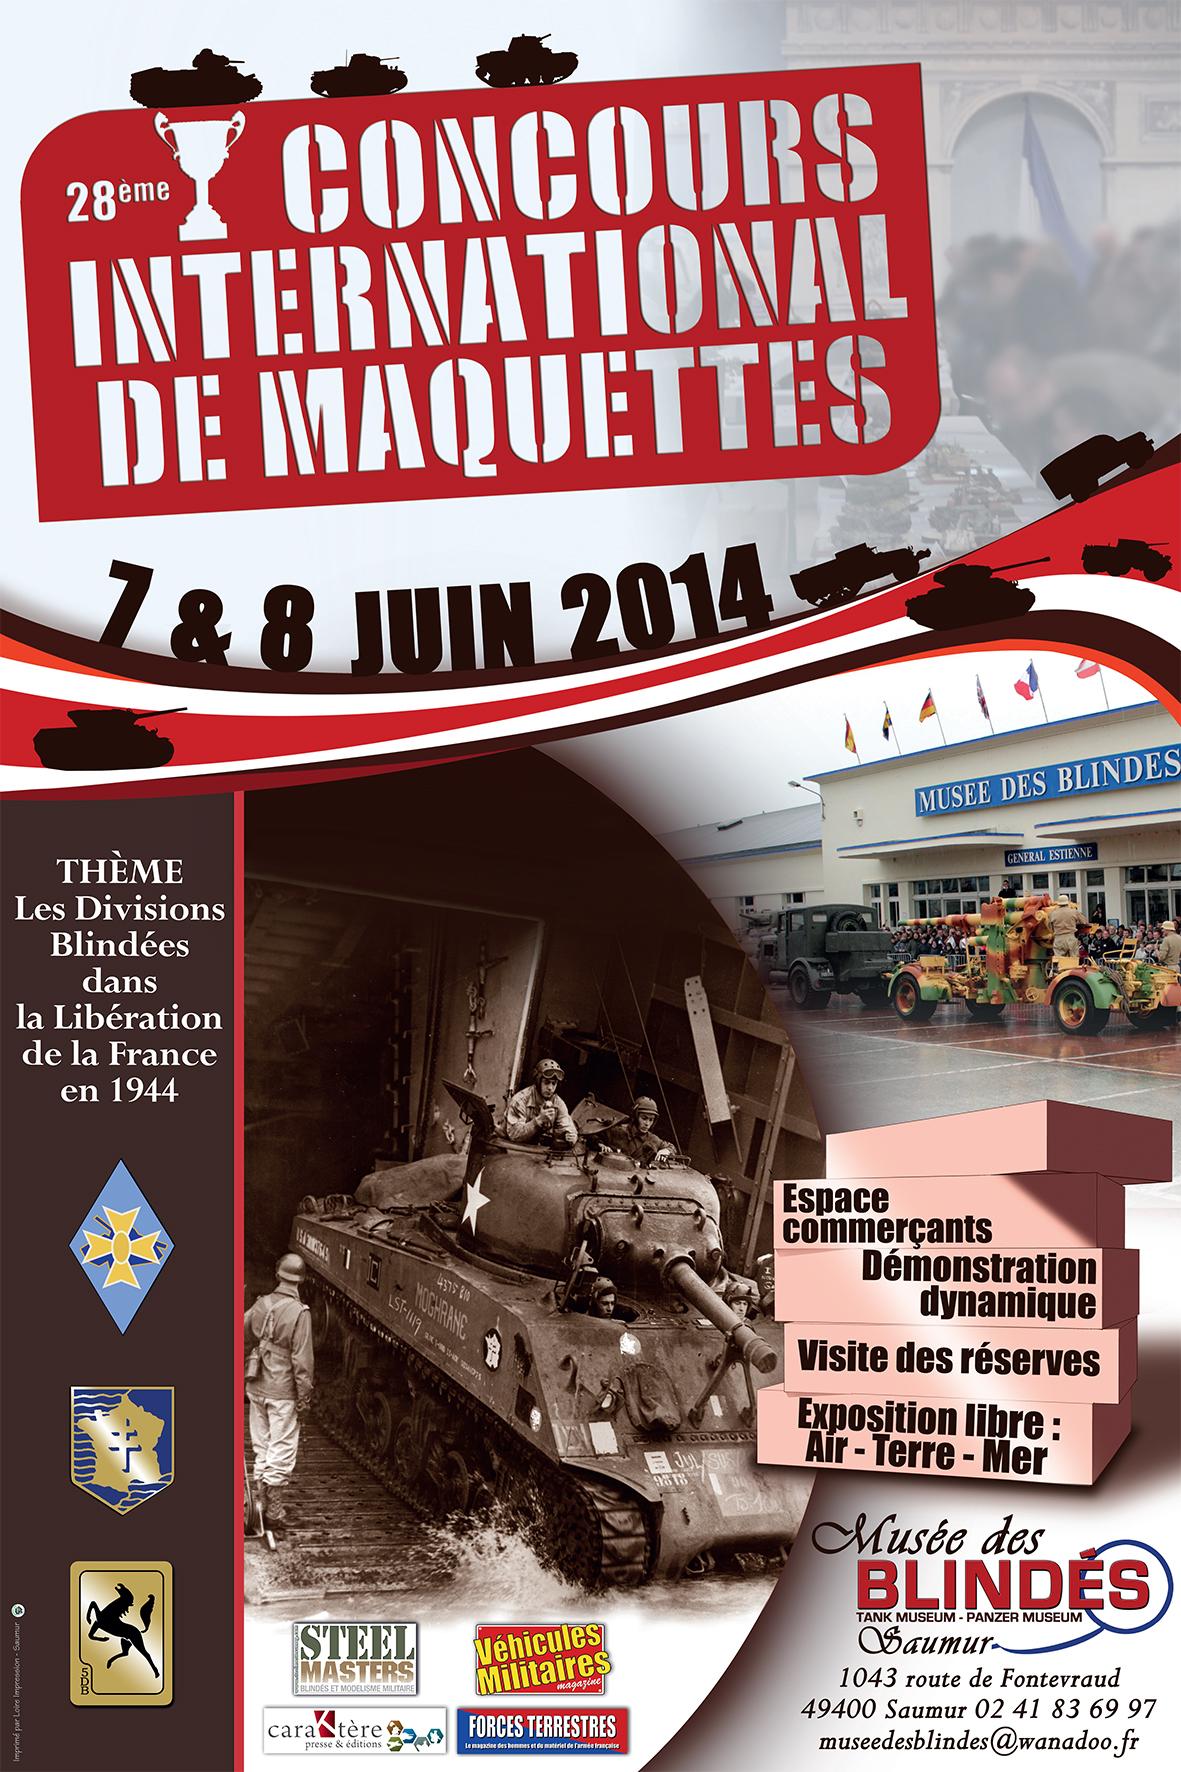 AFFICHE_CONCOURS_MAQUETTES_2014jpg